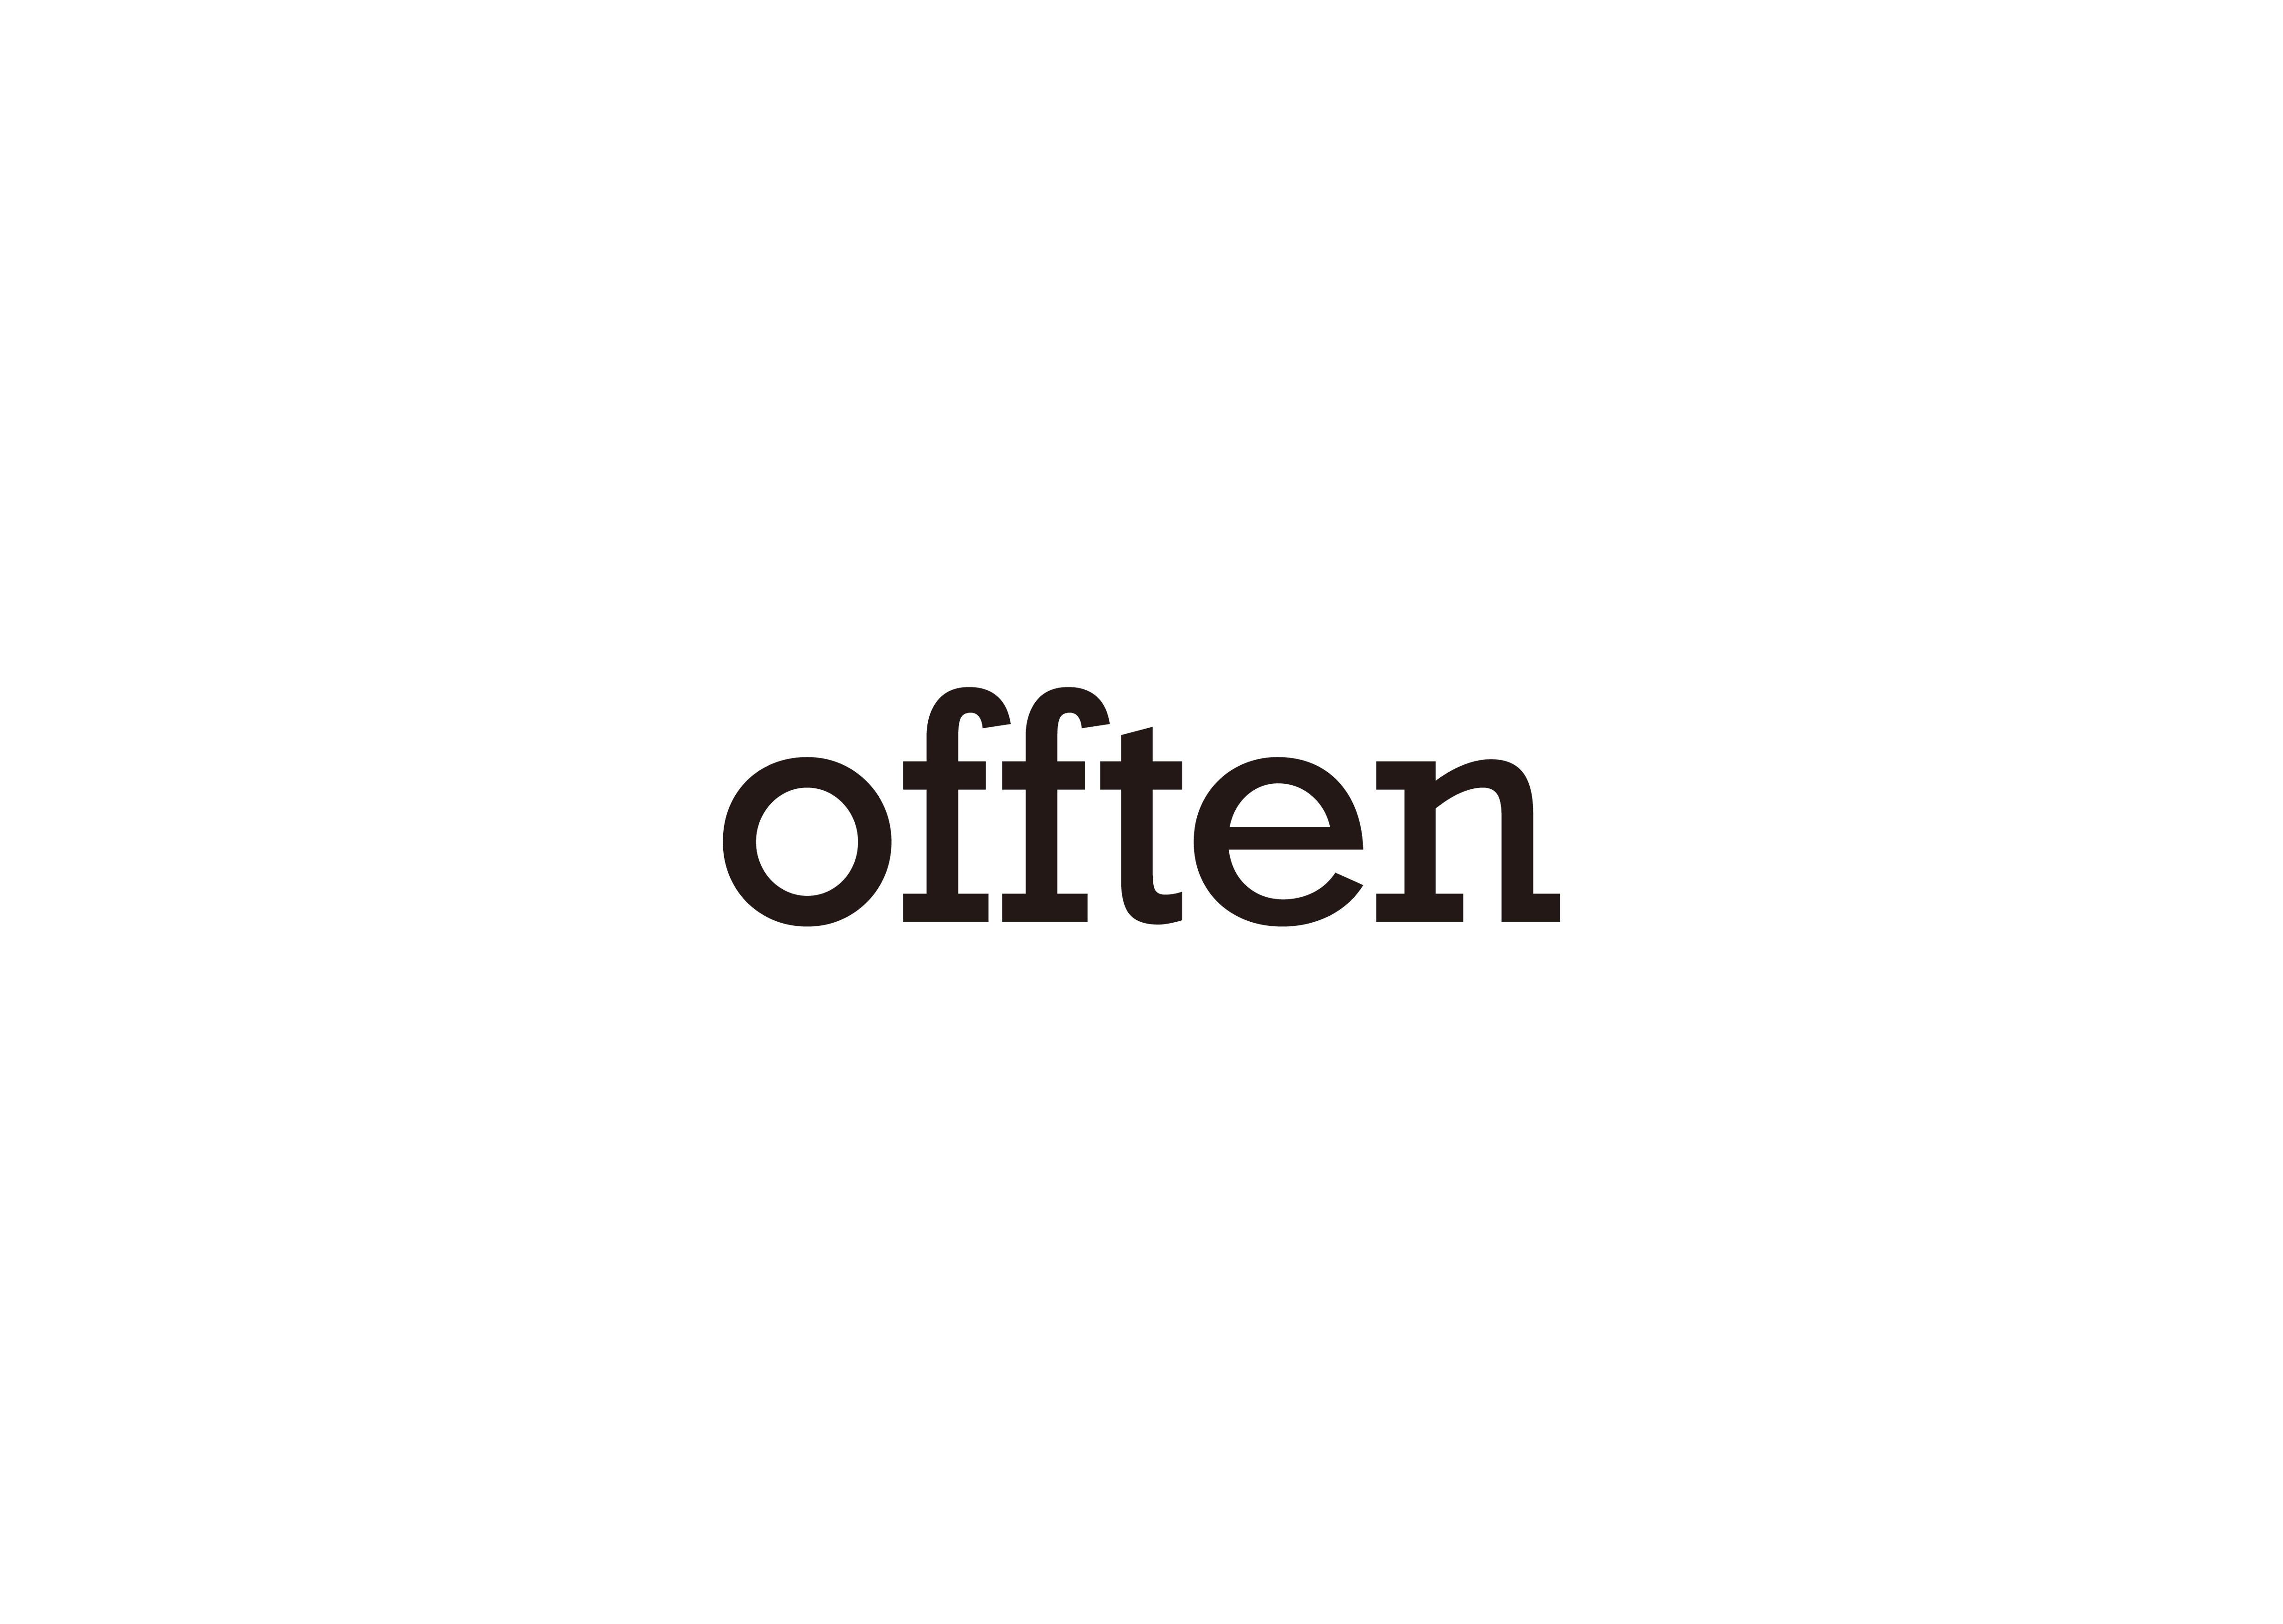 offtenA3,300dpi.jpg